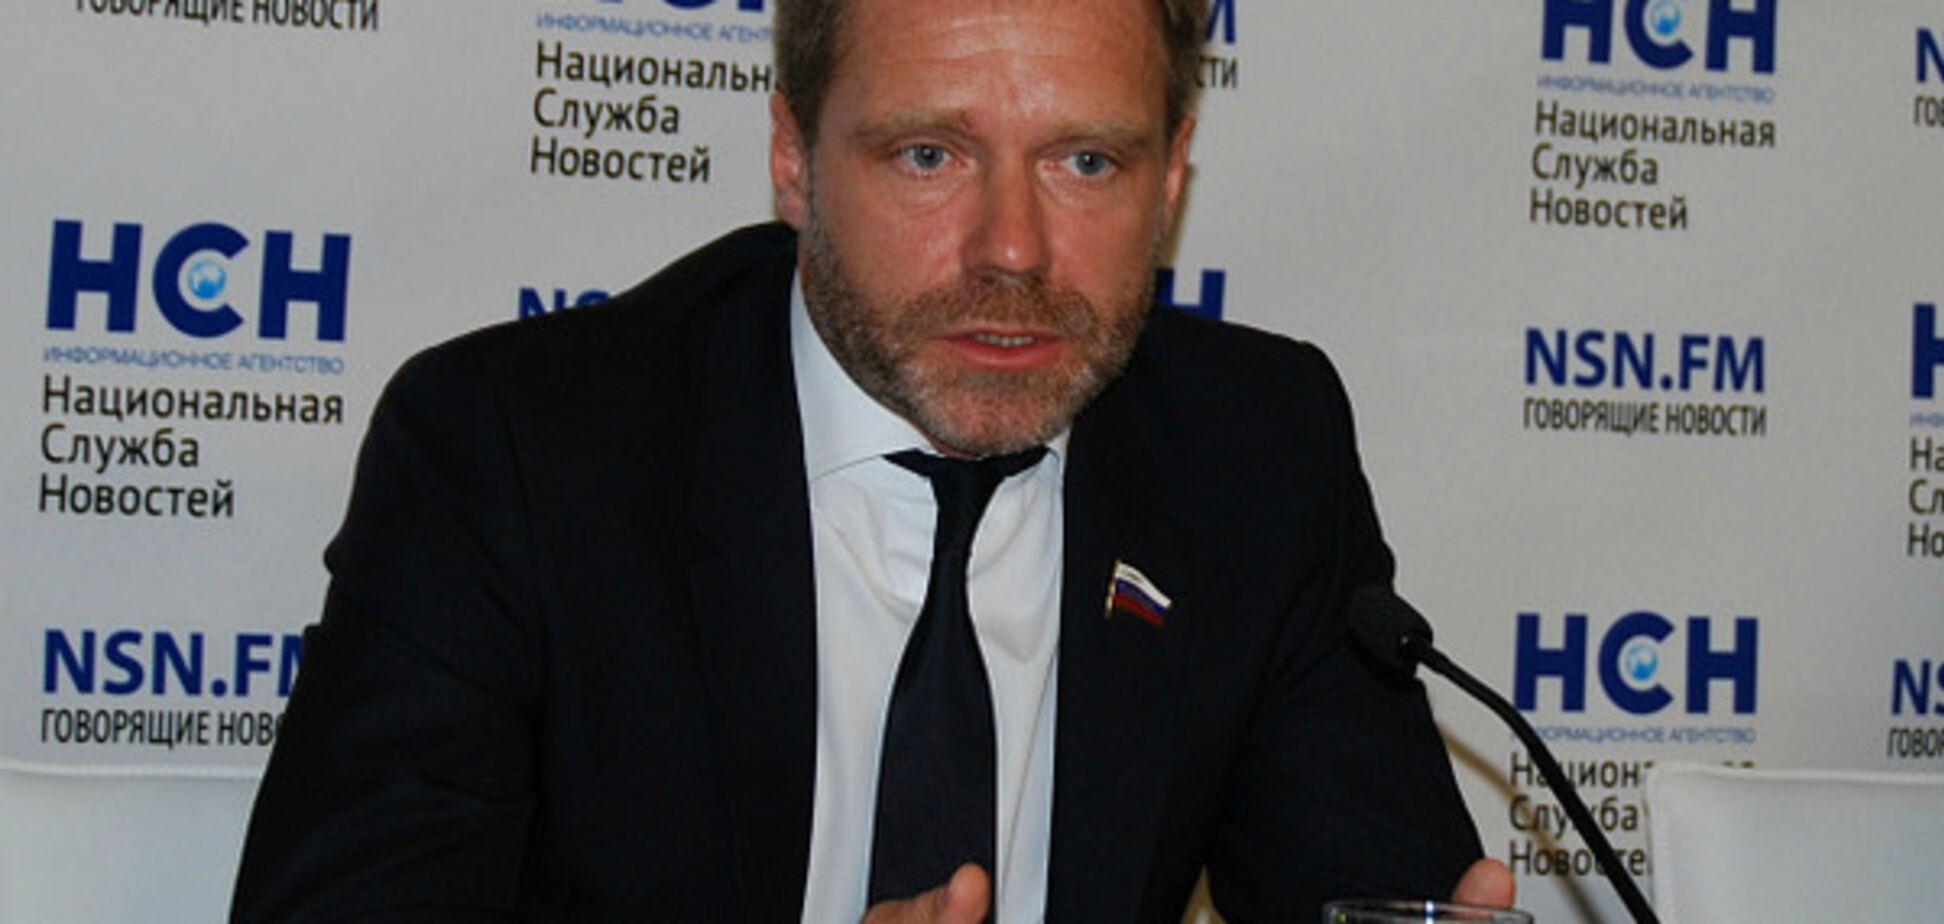 Андрій Кутєпов